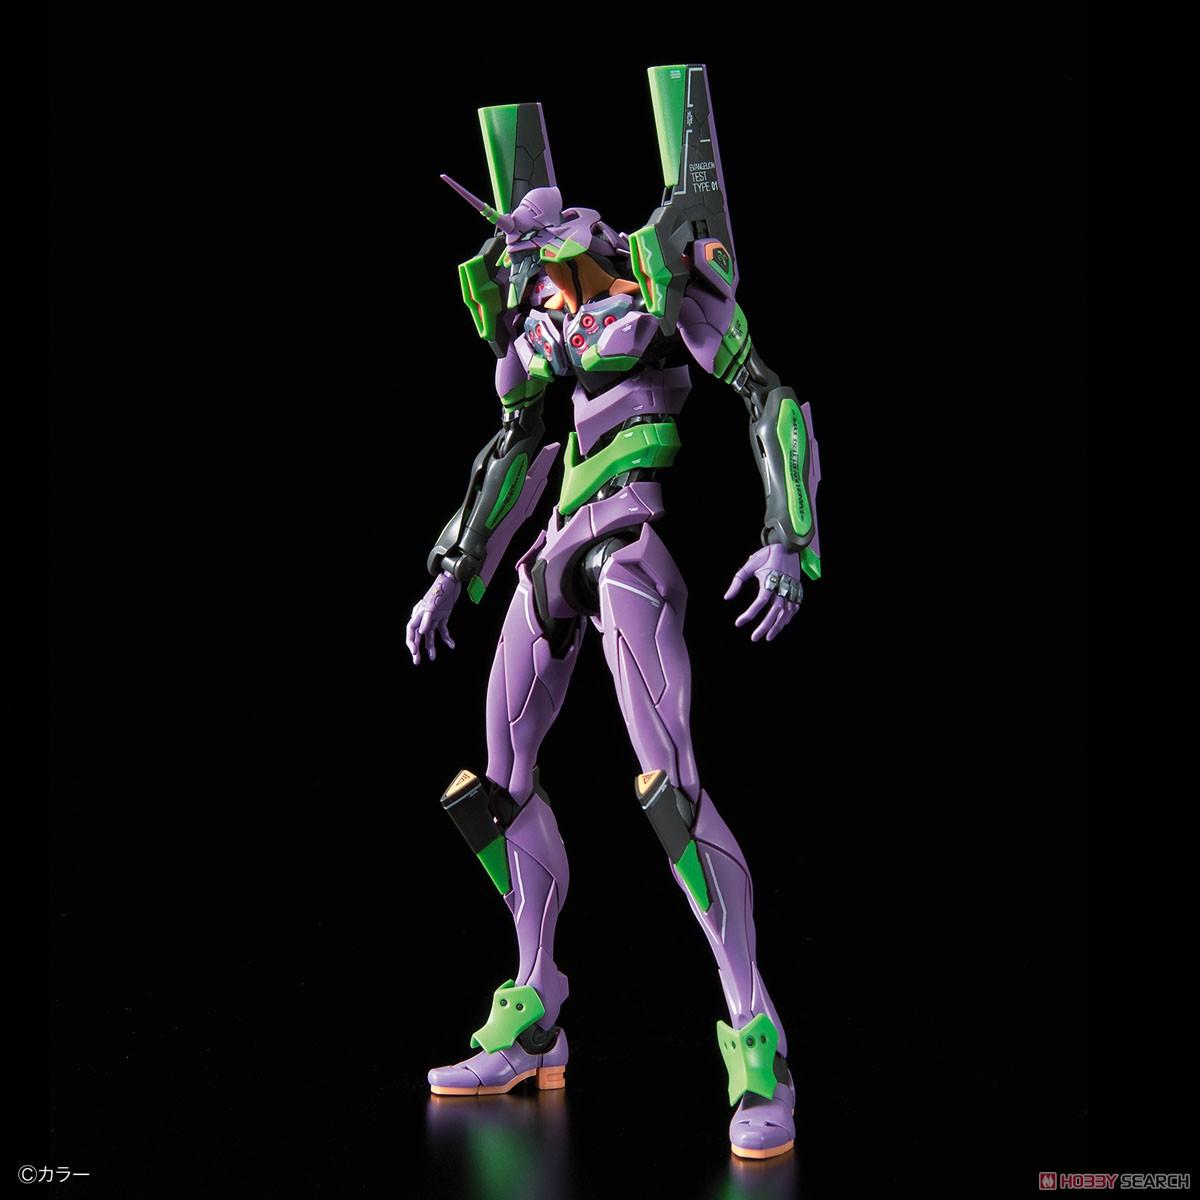 【8月再販】RG『汎用ヒト型決戦兵器 人造人間エヴァンゲリオン初号機』プラモデル-001